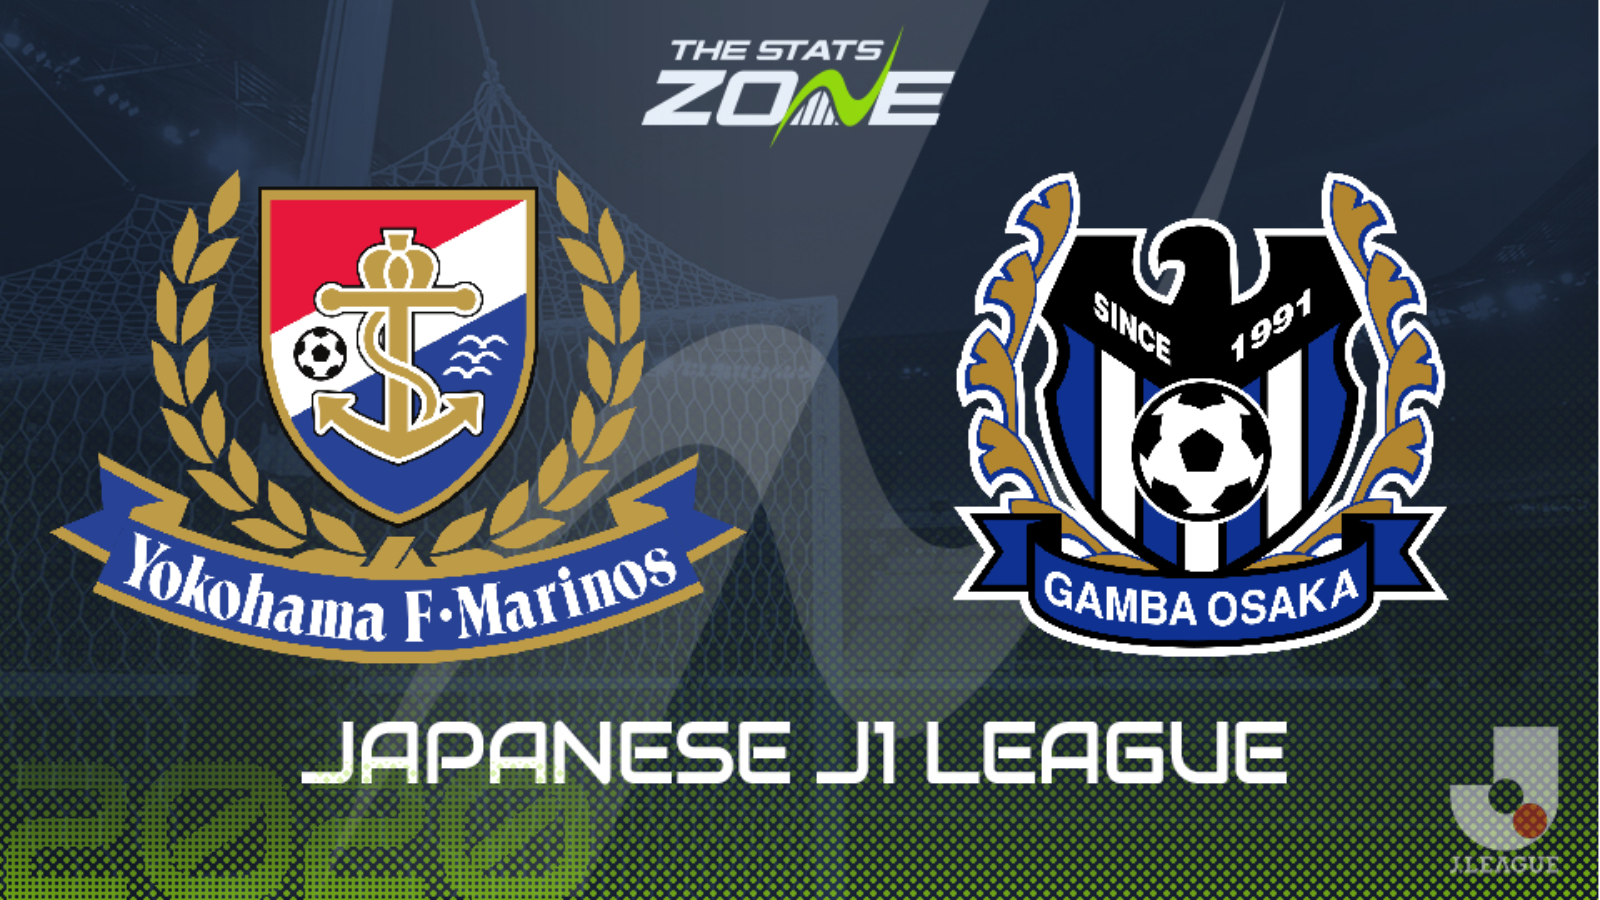 2020 Japanese J1 League Yokohama F Marinos Vs Gamba Osaka Preview Prediction The Stats Zone